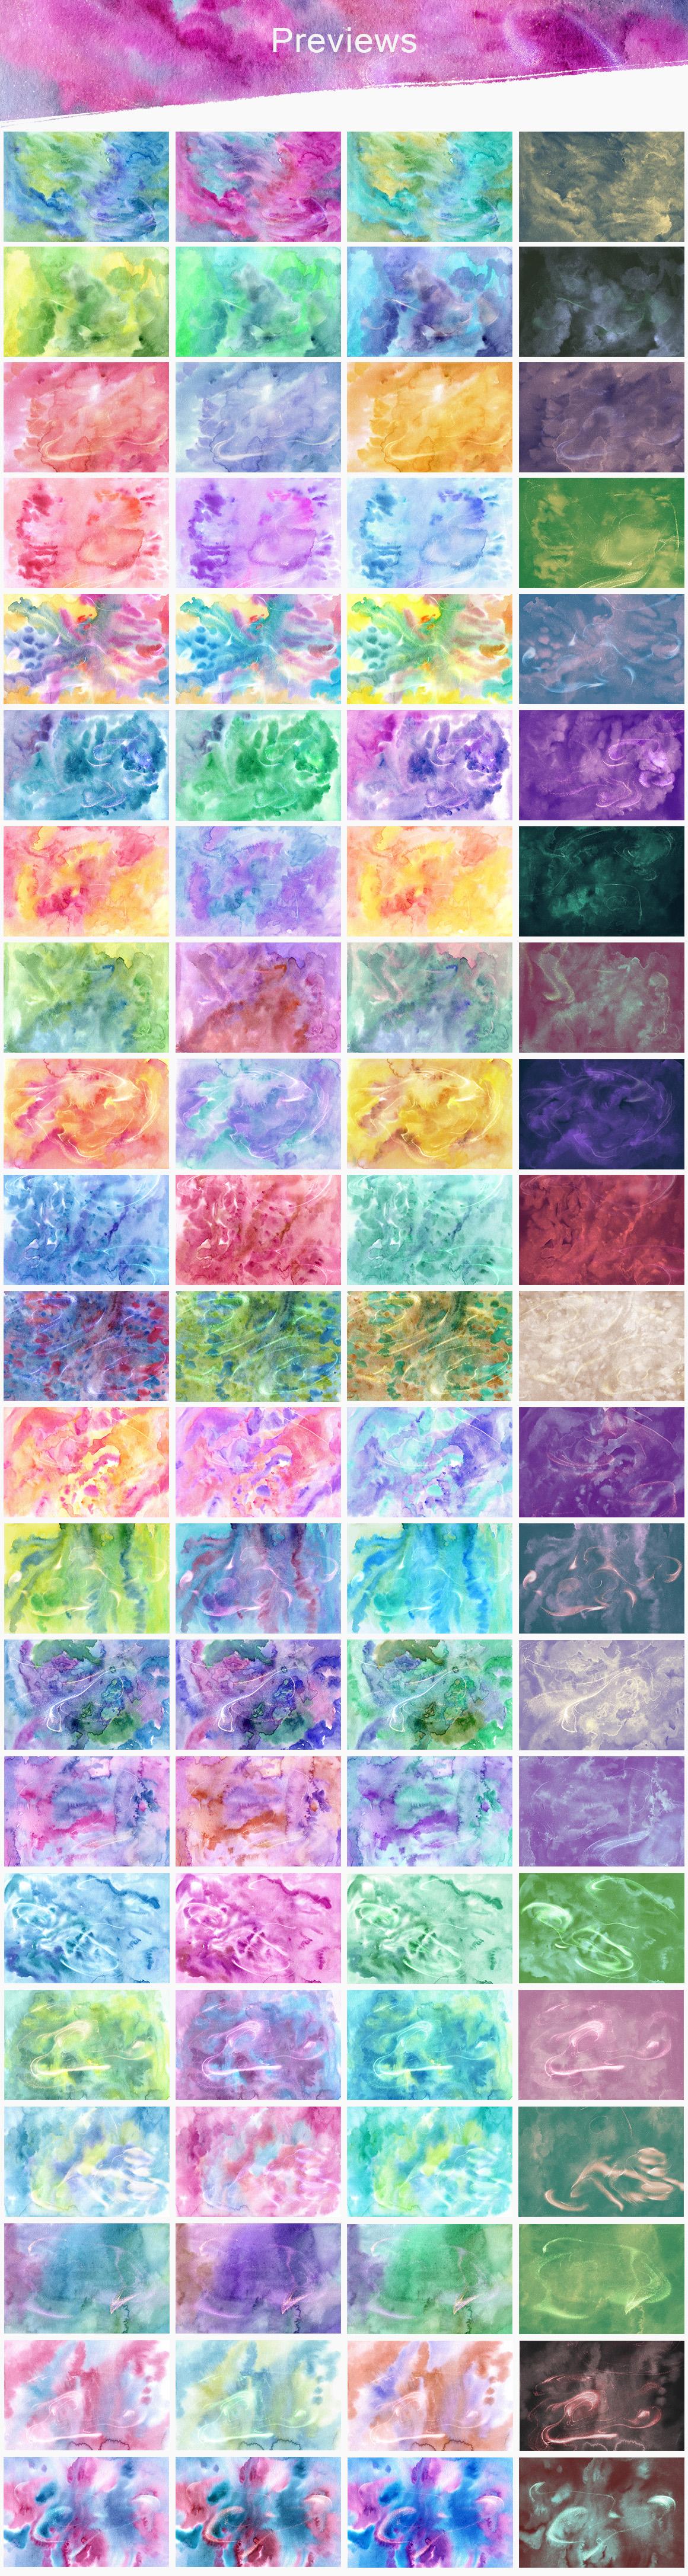 84 Magic Watercolor Textures